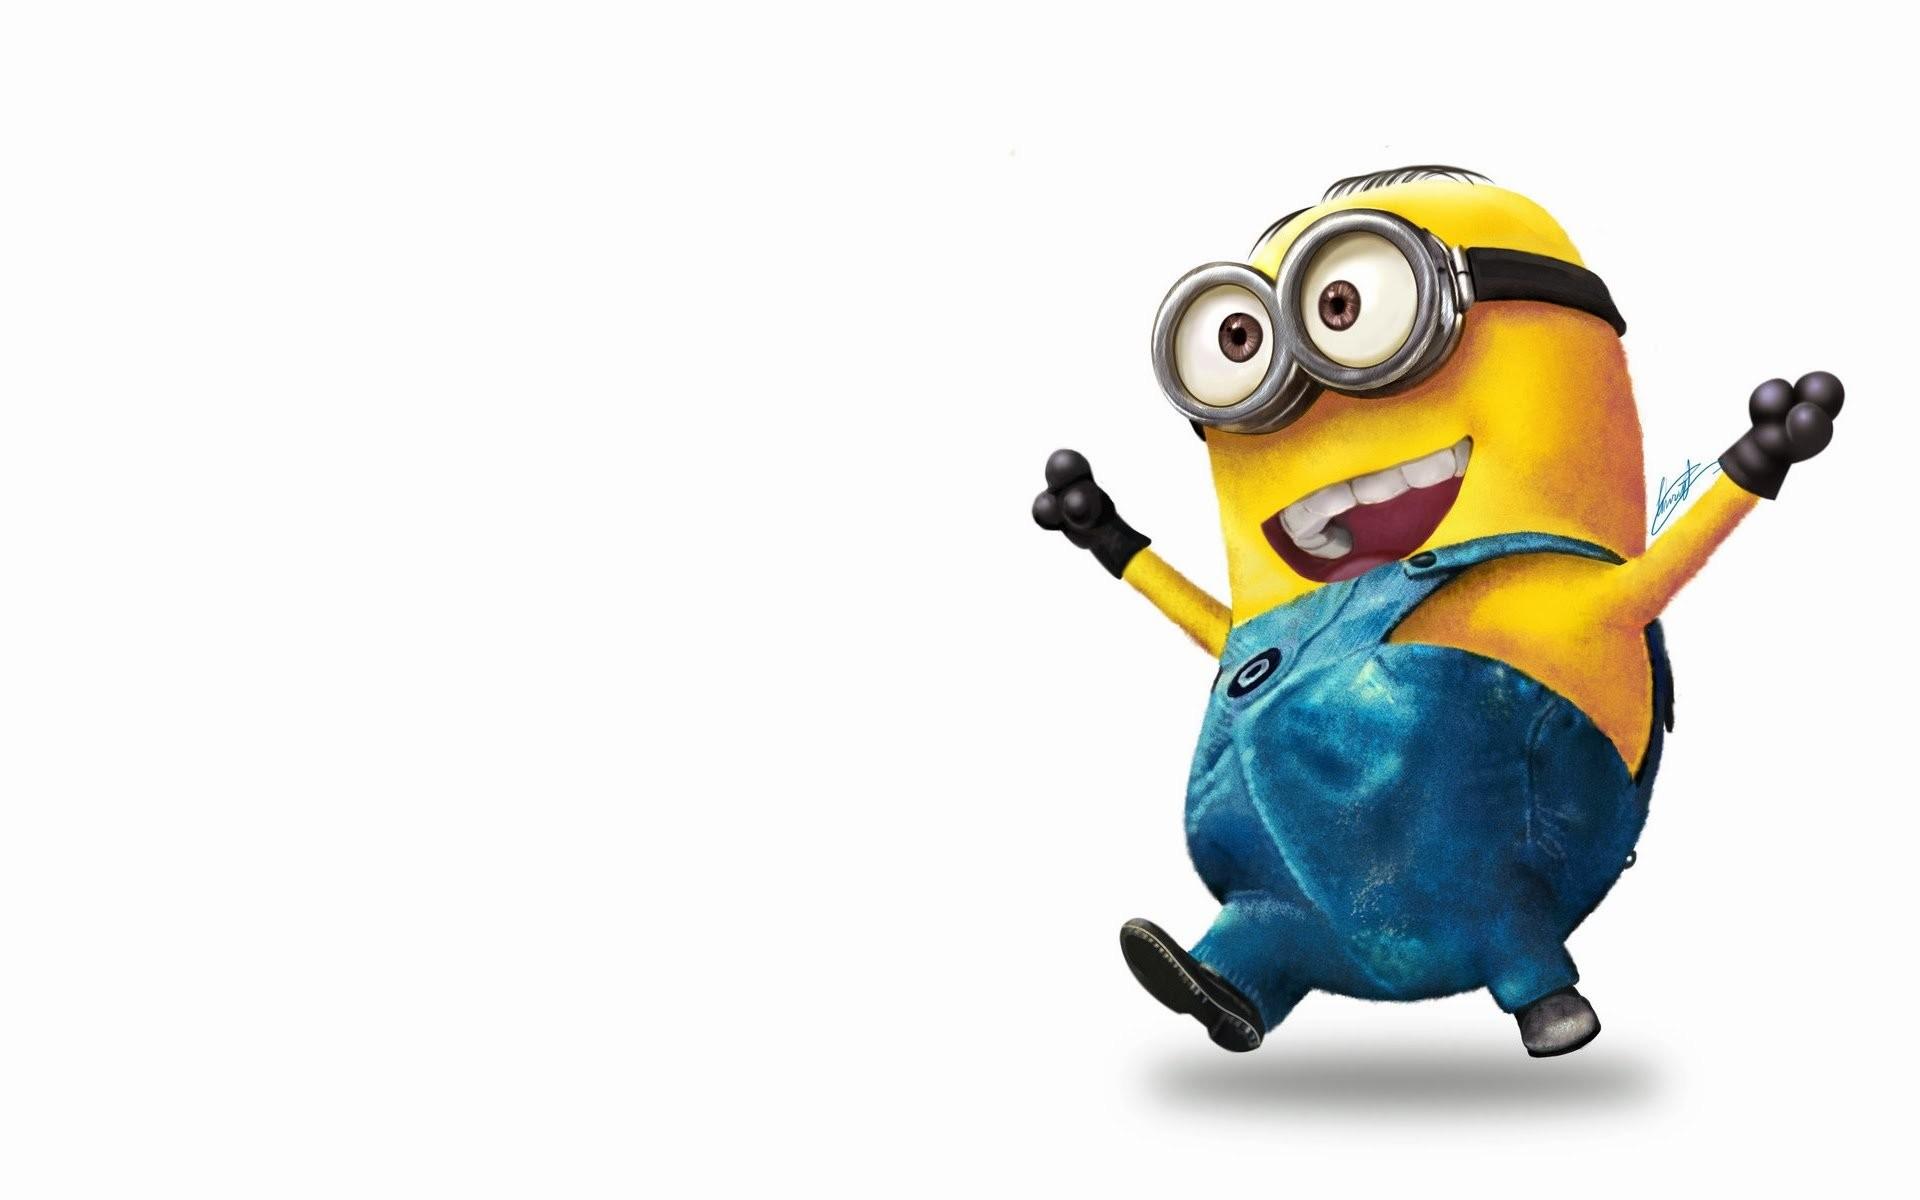 Happy New Year 2015 Minions